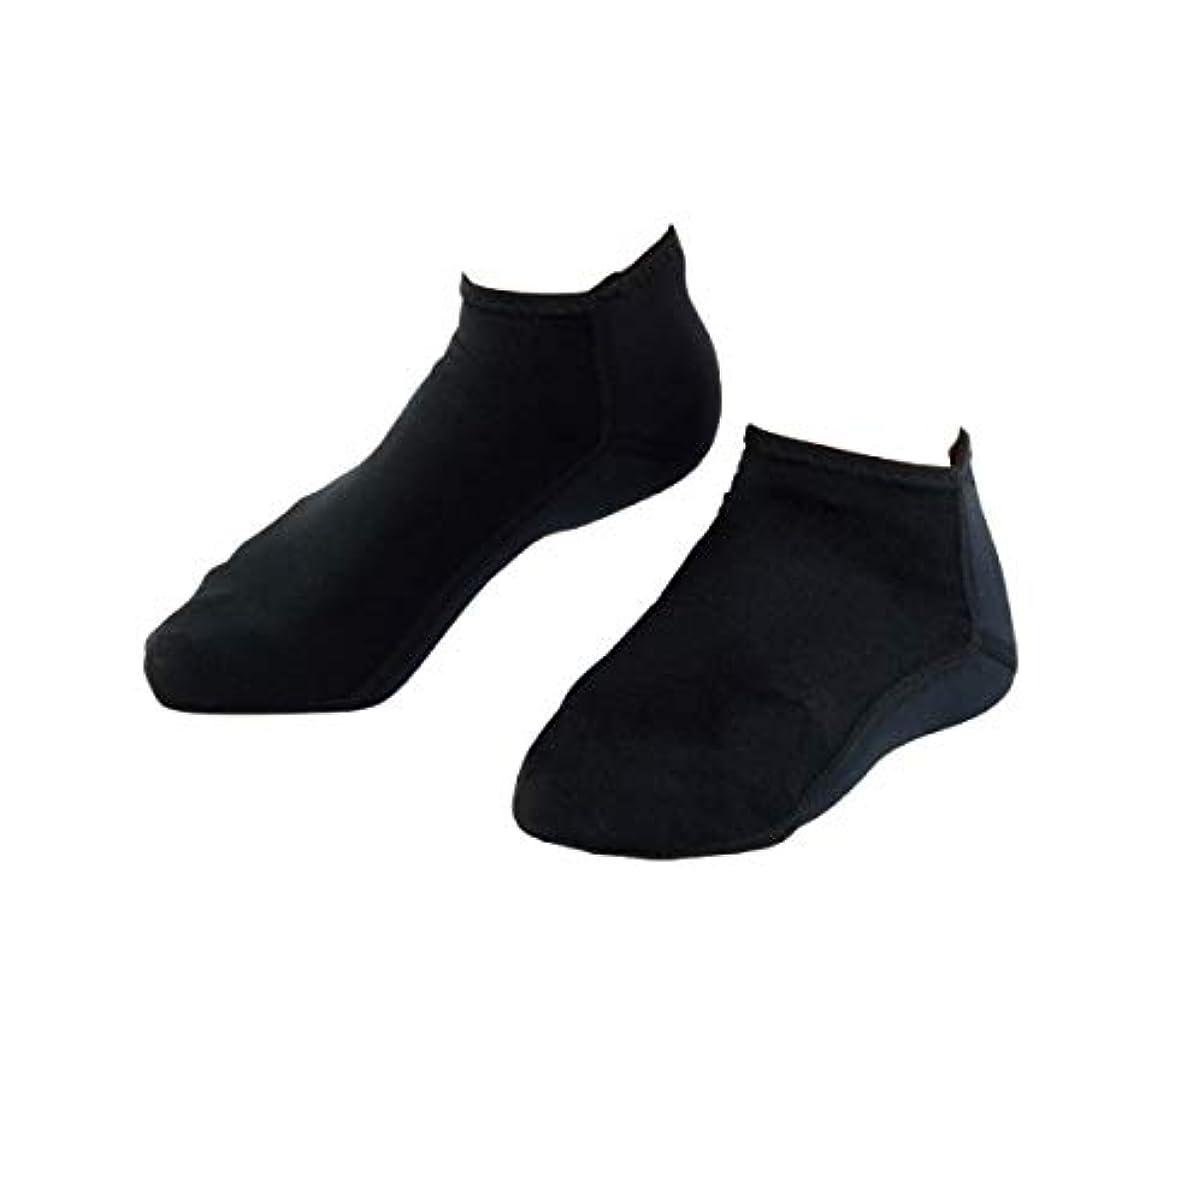 良心的熟す切り下げ靴下 かかと 保湿 チタン 素足小町 フル